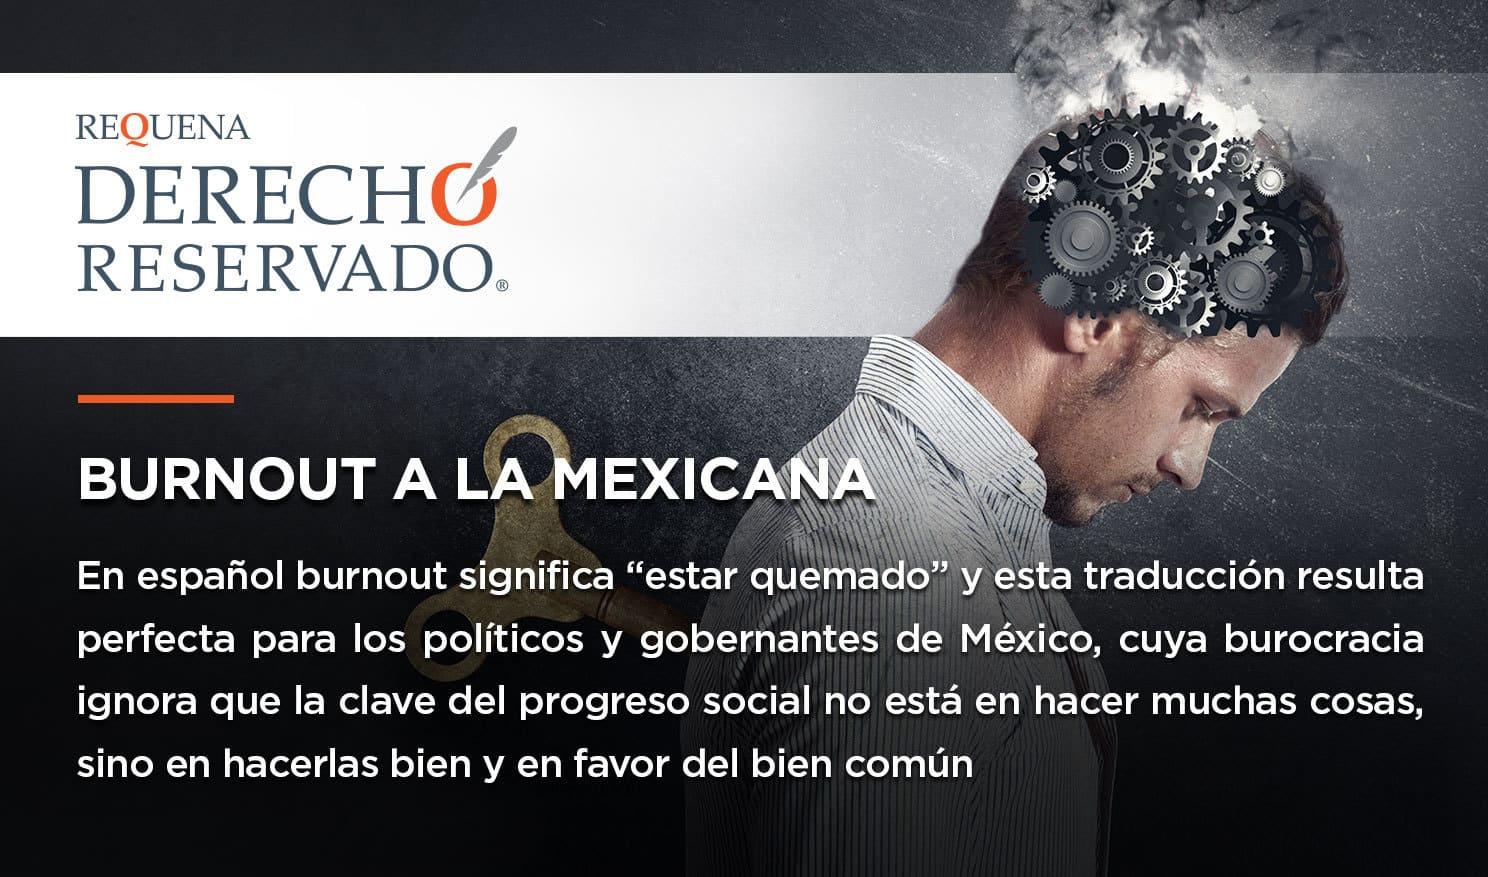 Burnout a la mexicana